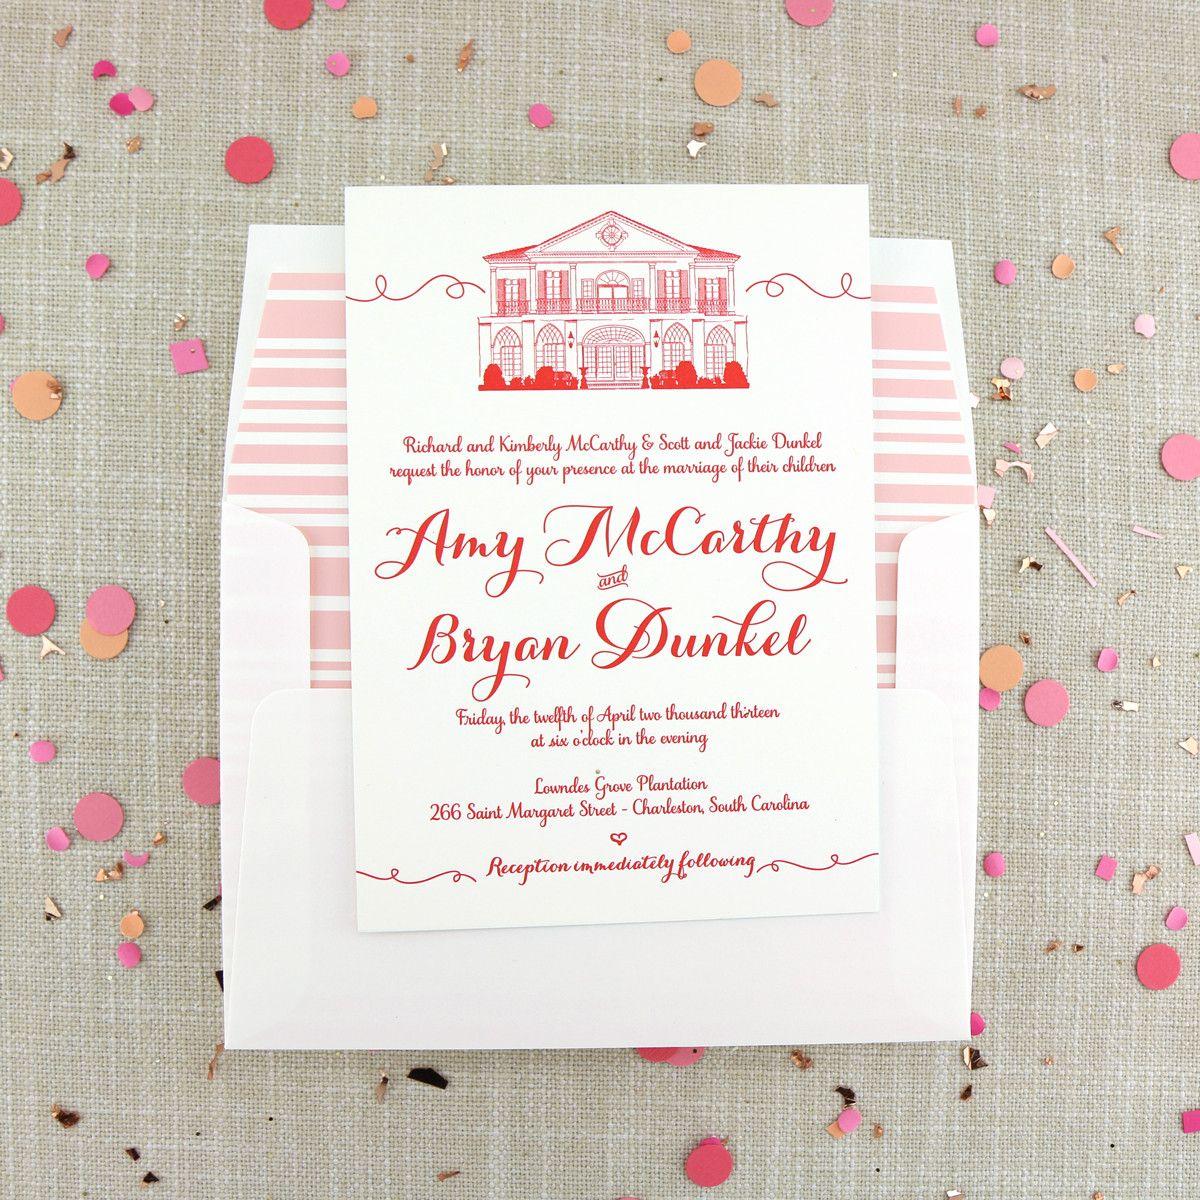 Letterpress Lowndes Grove Invitation   Paper Pretties by Scotti ...